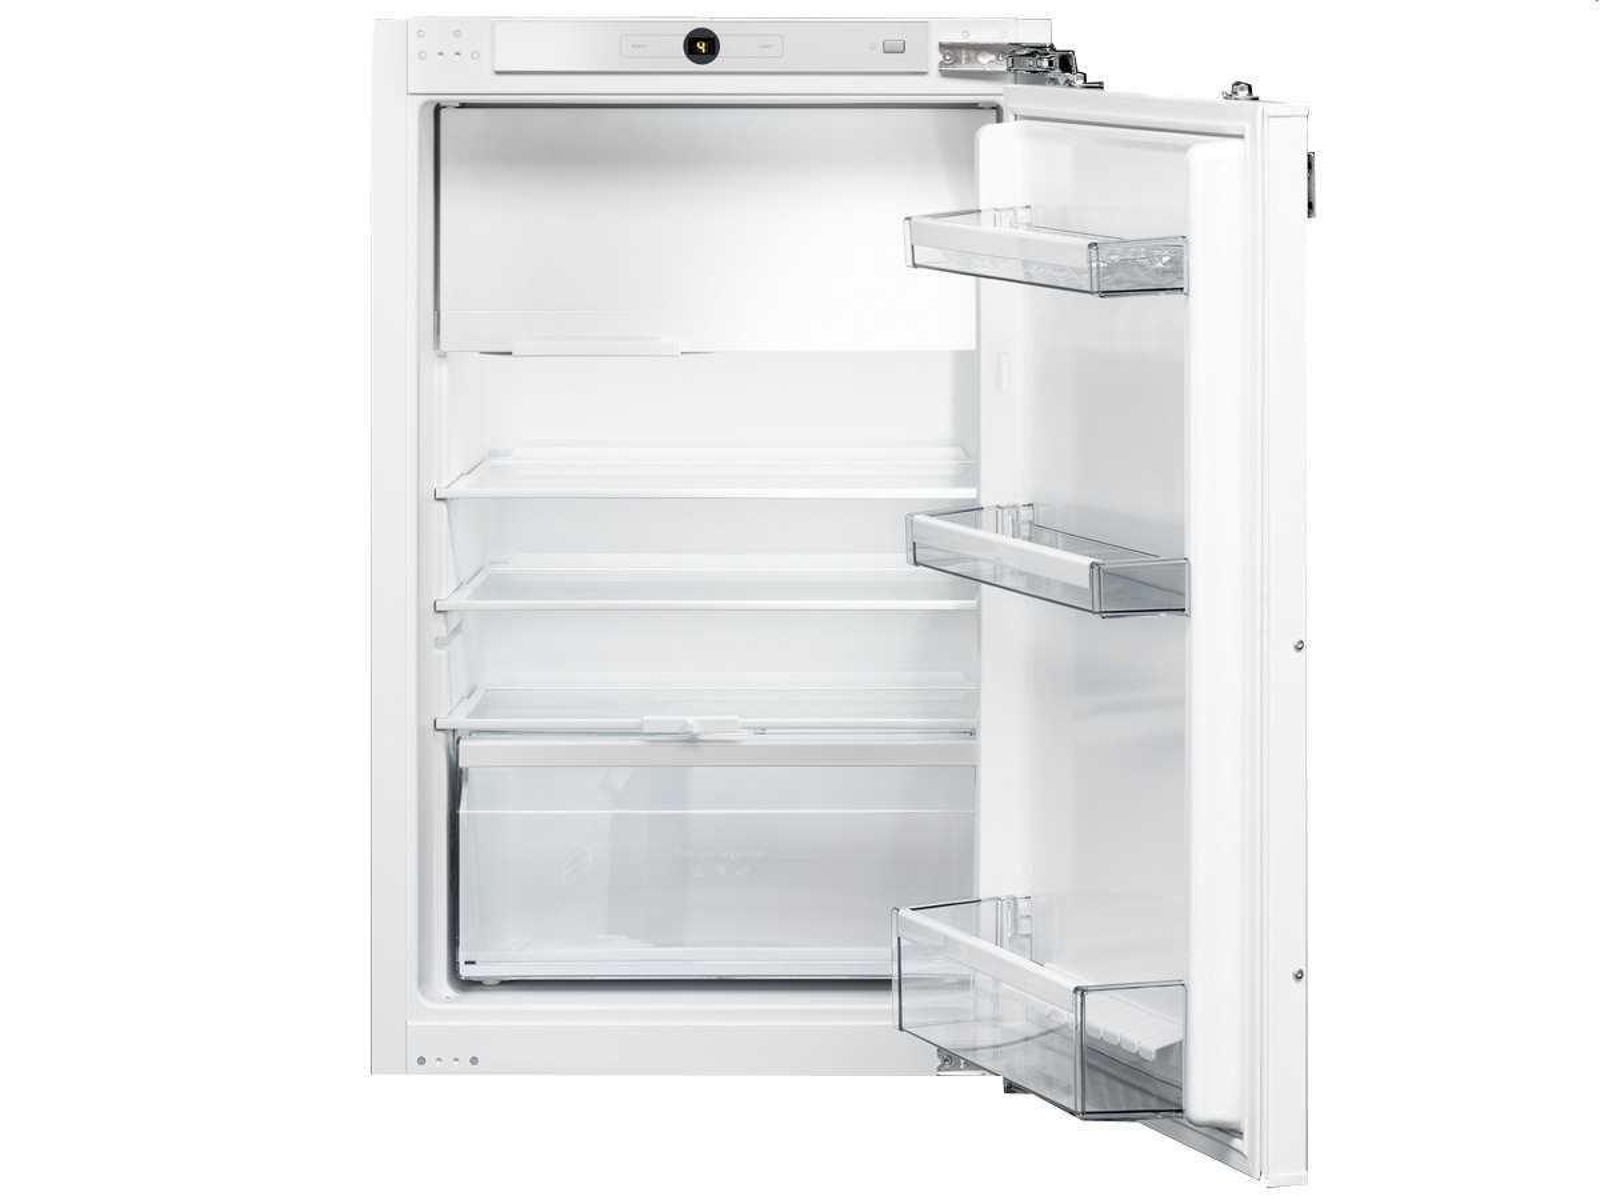 Smeg Kühlschrank Alternative : Smeg sid c einbaukühlschrank